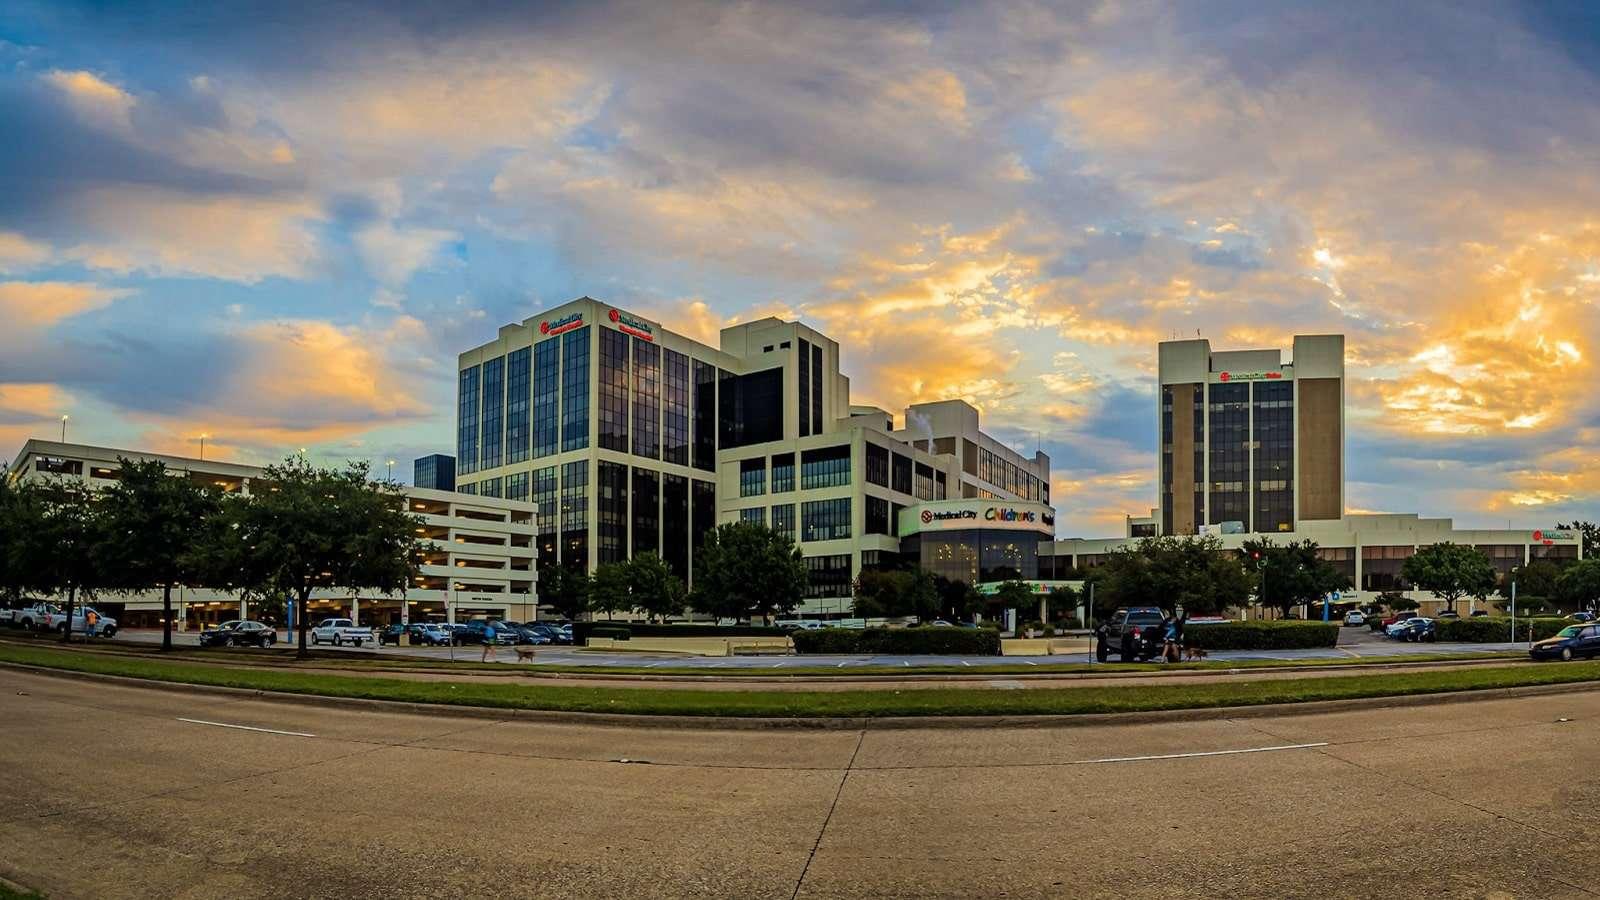 Medical City Dallas - Campos Engineering Project